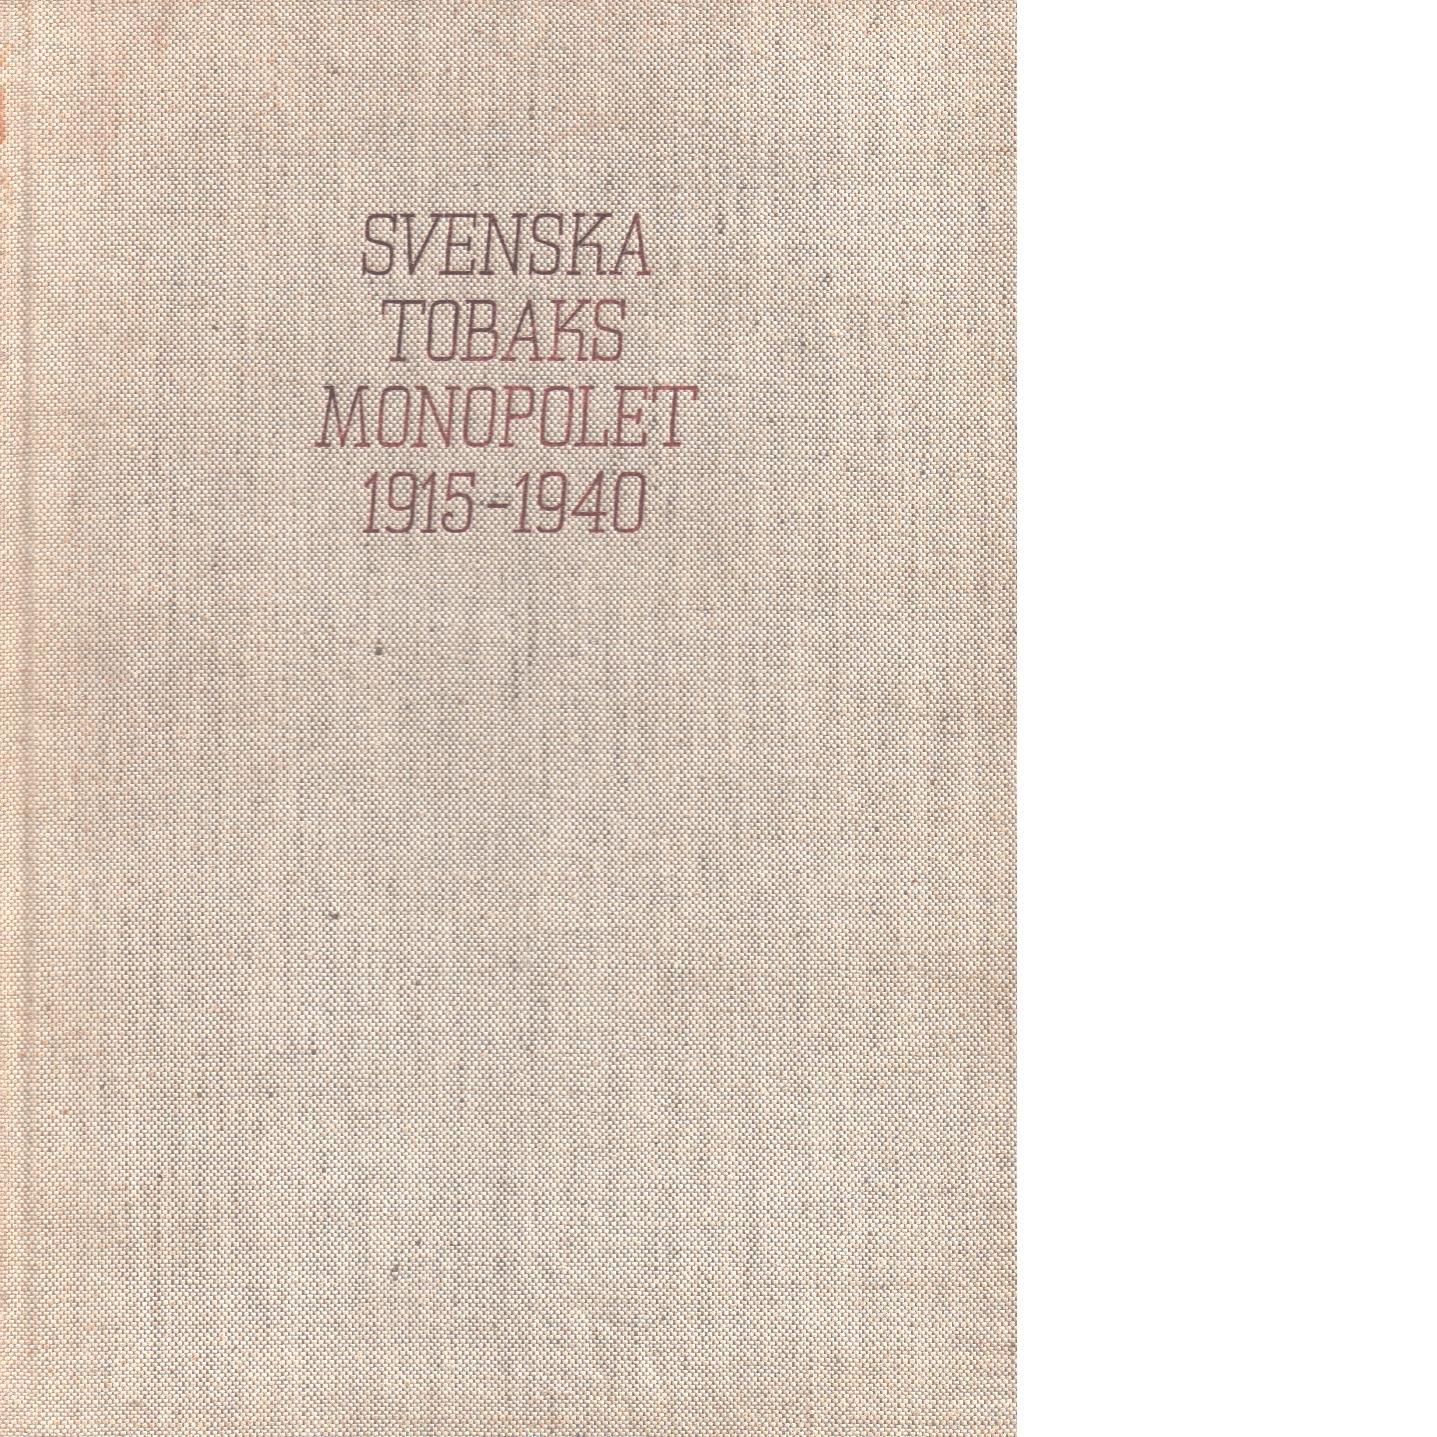 Svenska tobaksmonopolet utgiven med anledning av deras tjugofemåriga verksamhet den 1 juni 1940, 1915-1940. - Red.